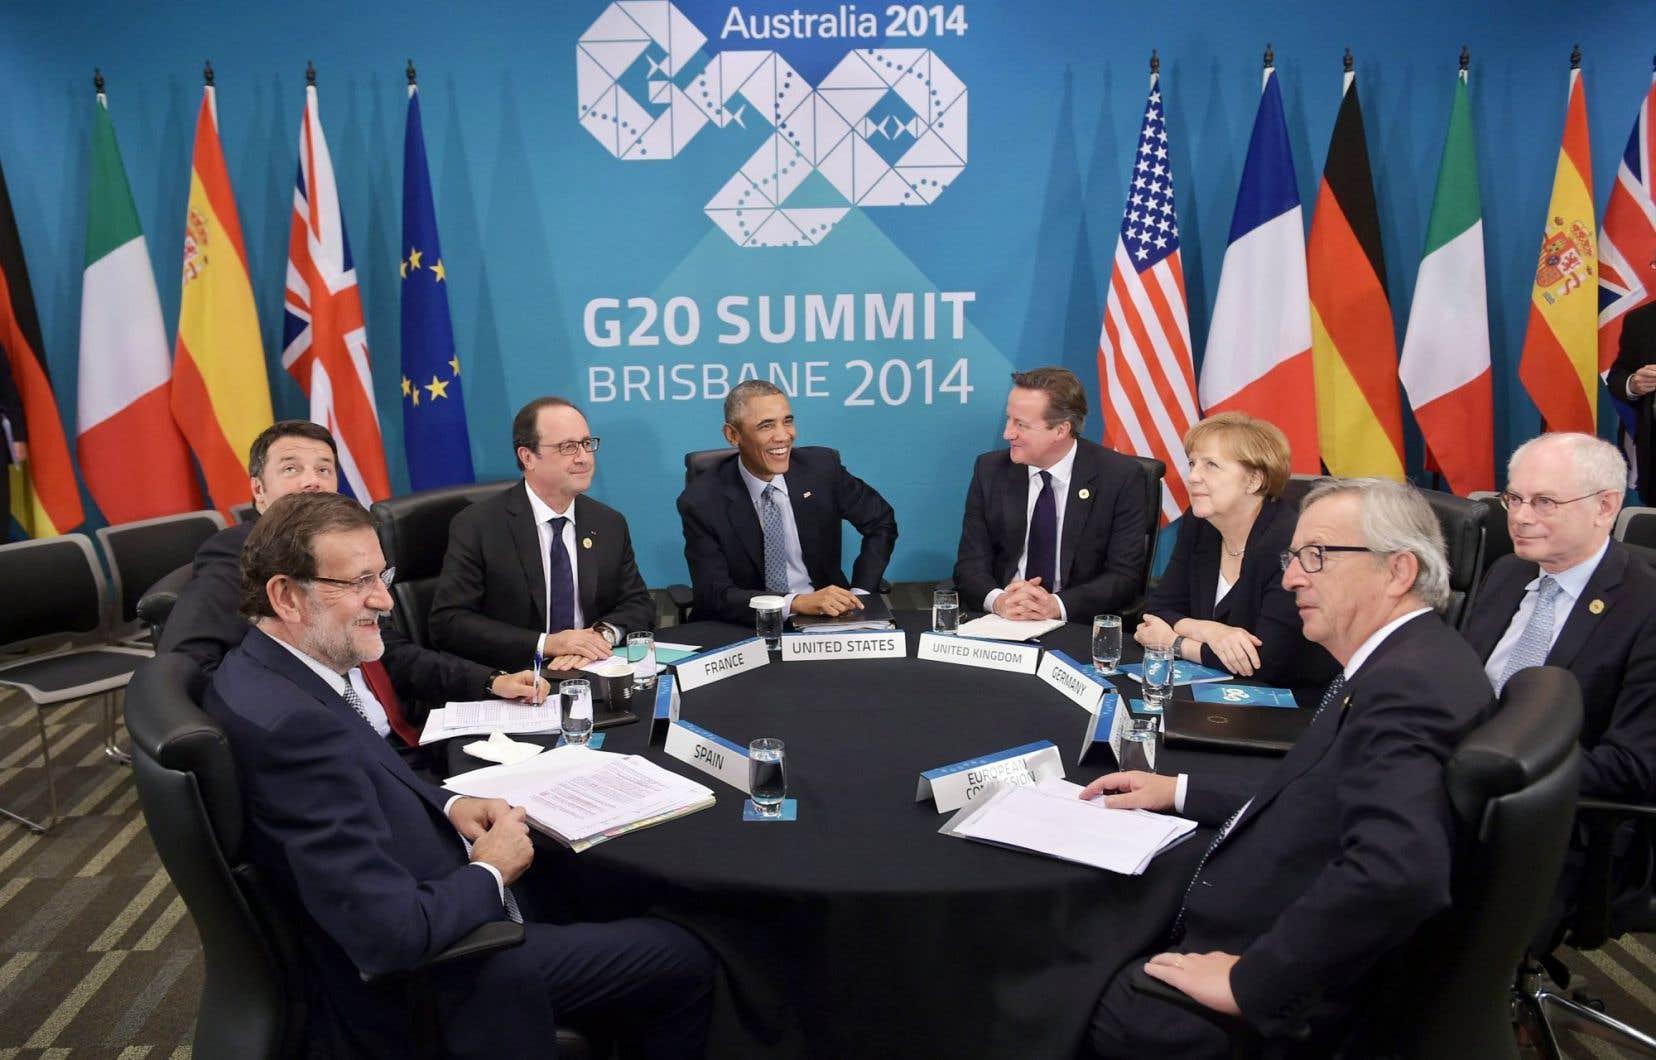 Les chefs de gouvernement du G20 avaient affichaient un sourire à l'issue du sommet de Brisbane.